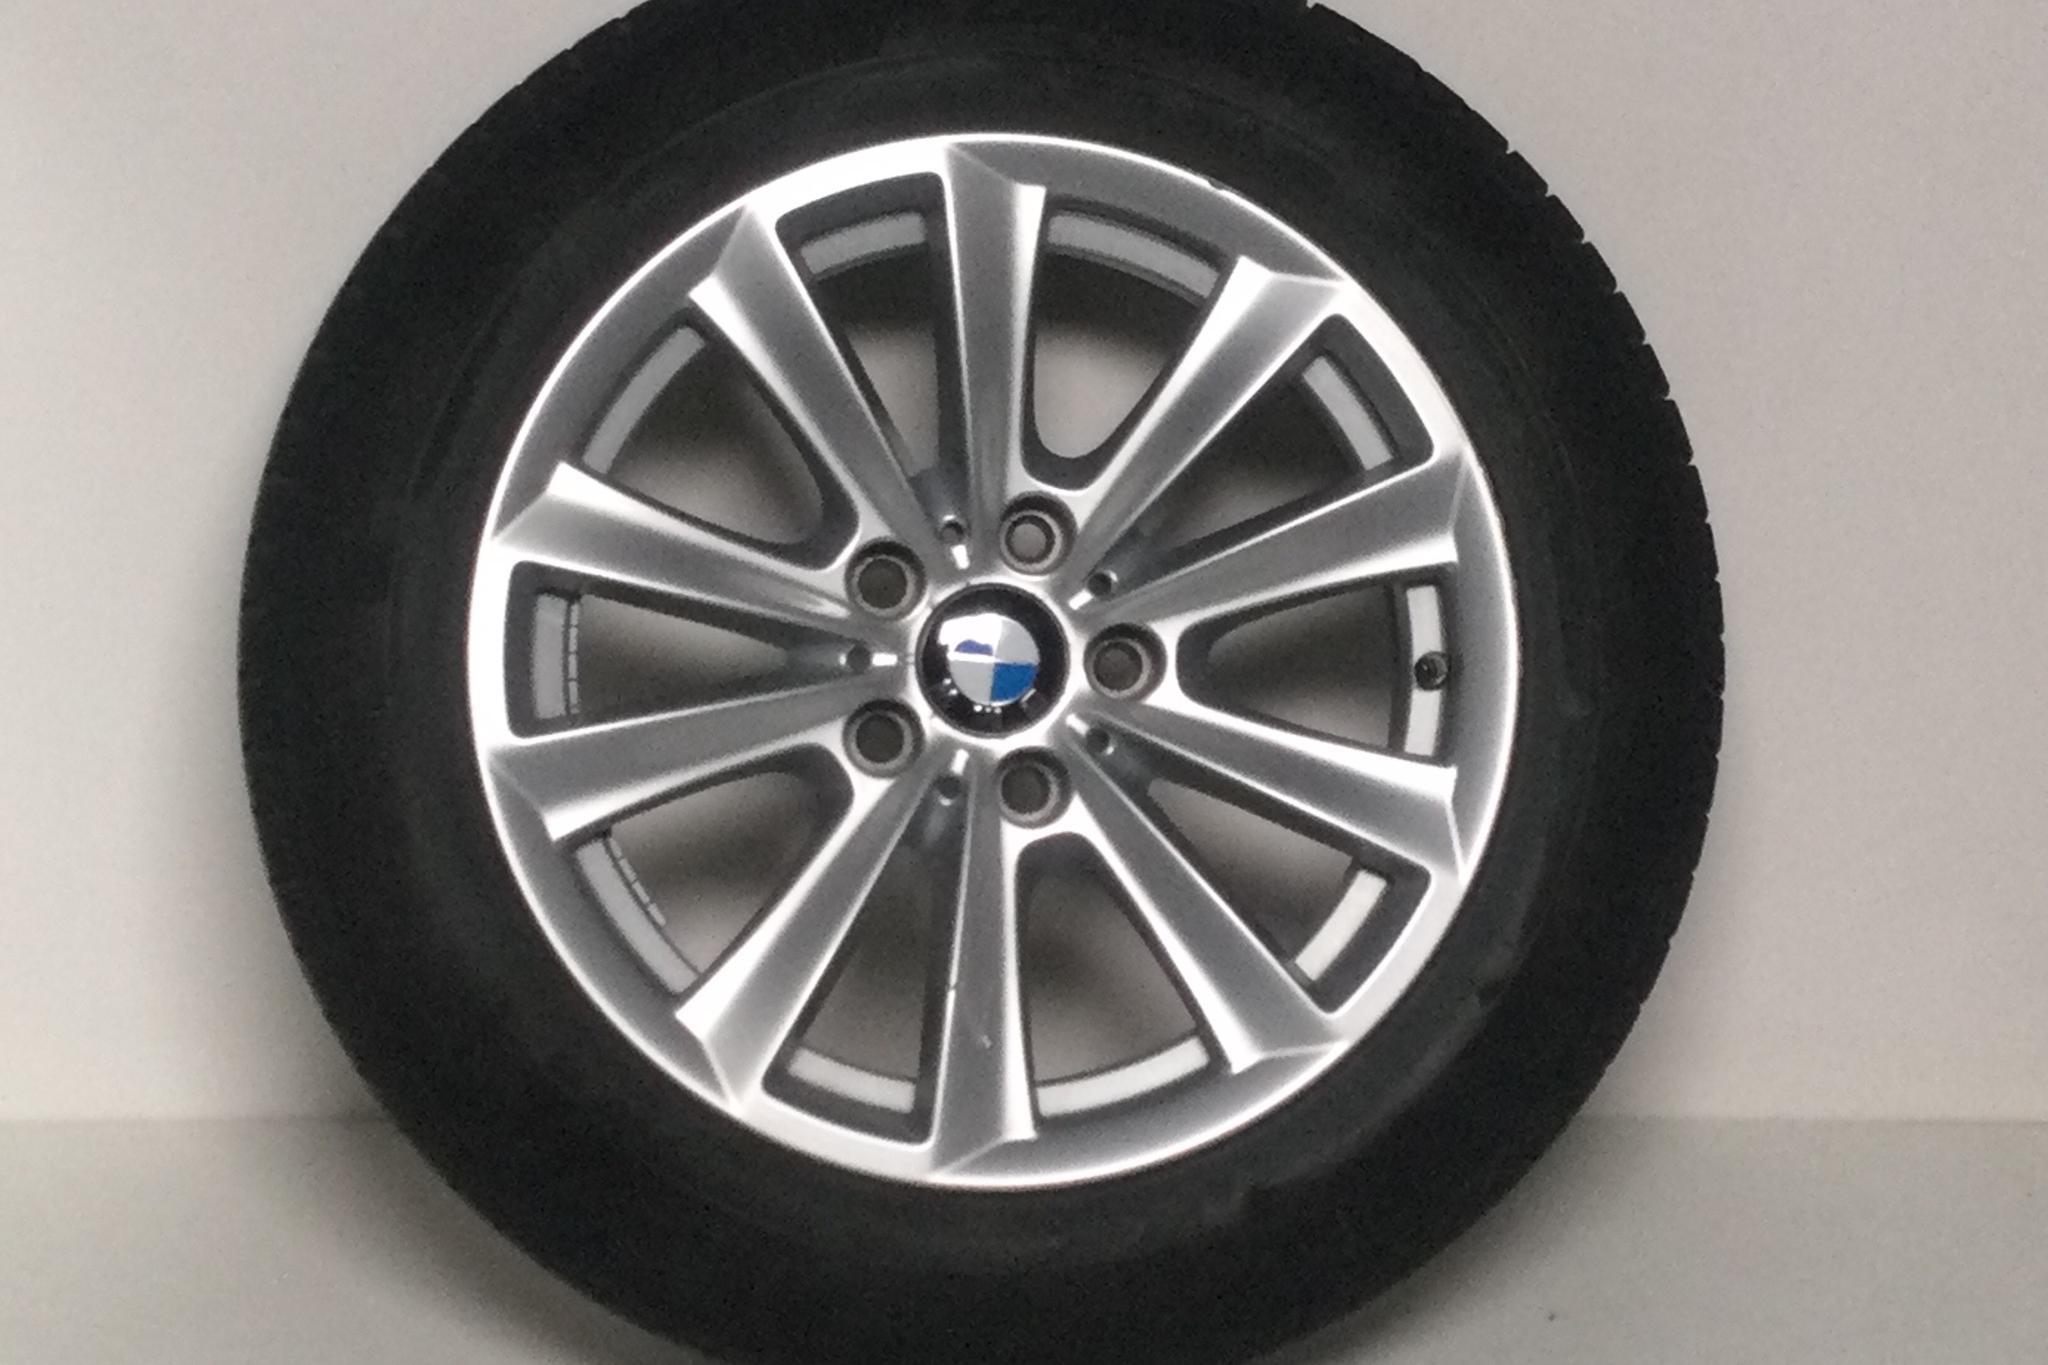 BMW 520d xDrive Sedan, F10 (190hk) - 135 340 km - Automatic - white - 2016